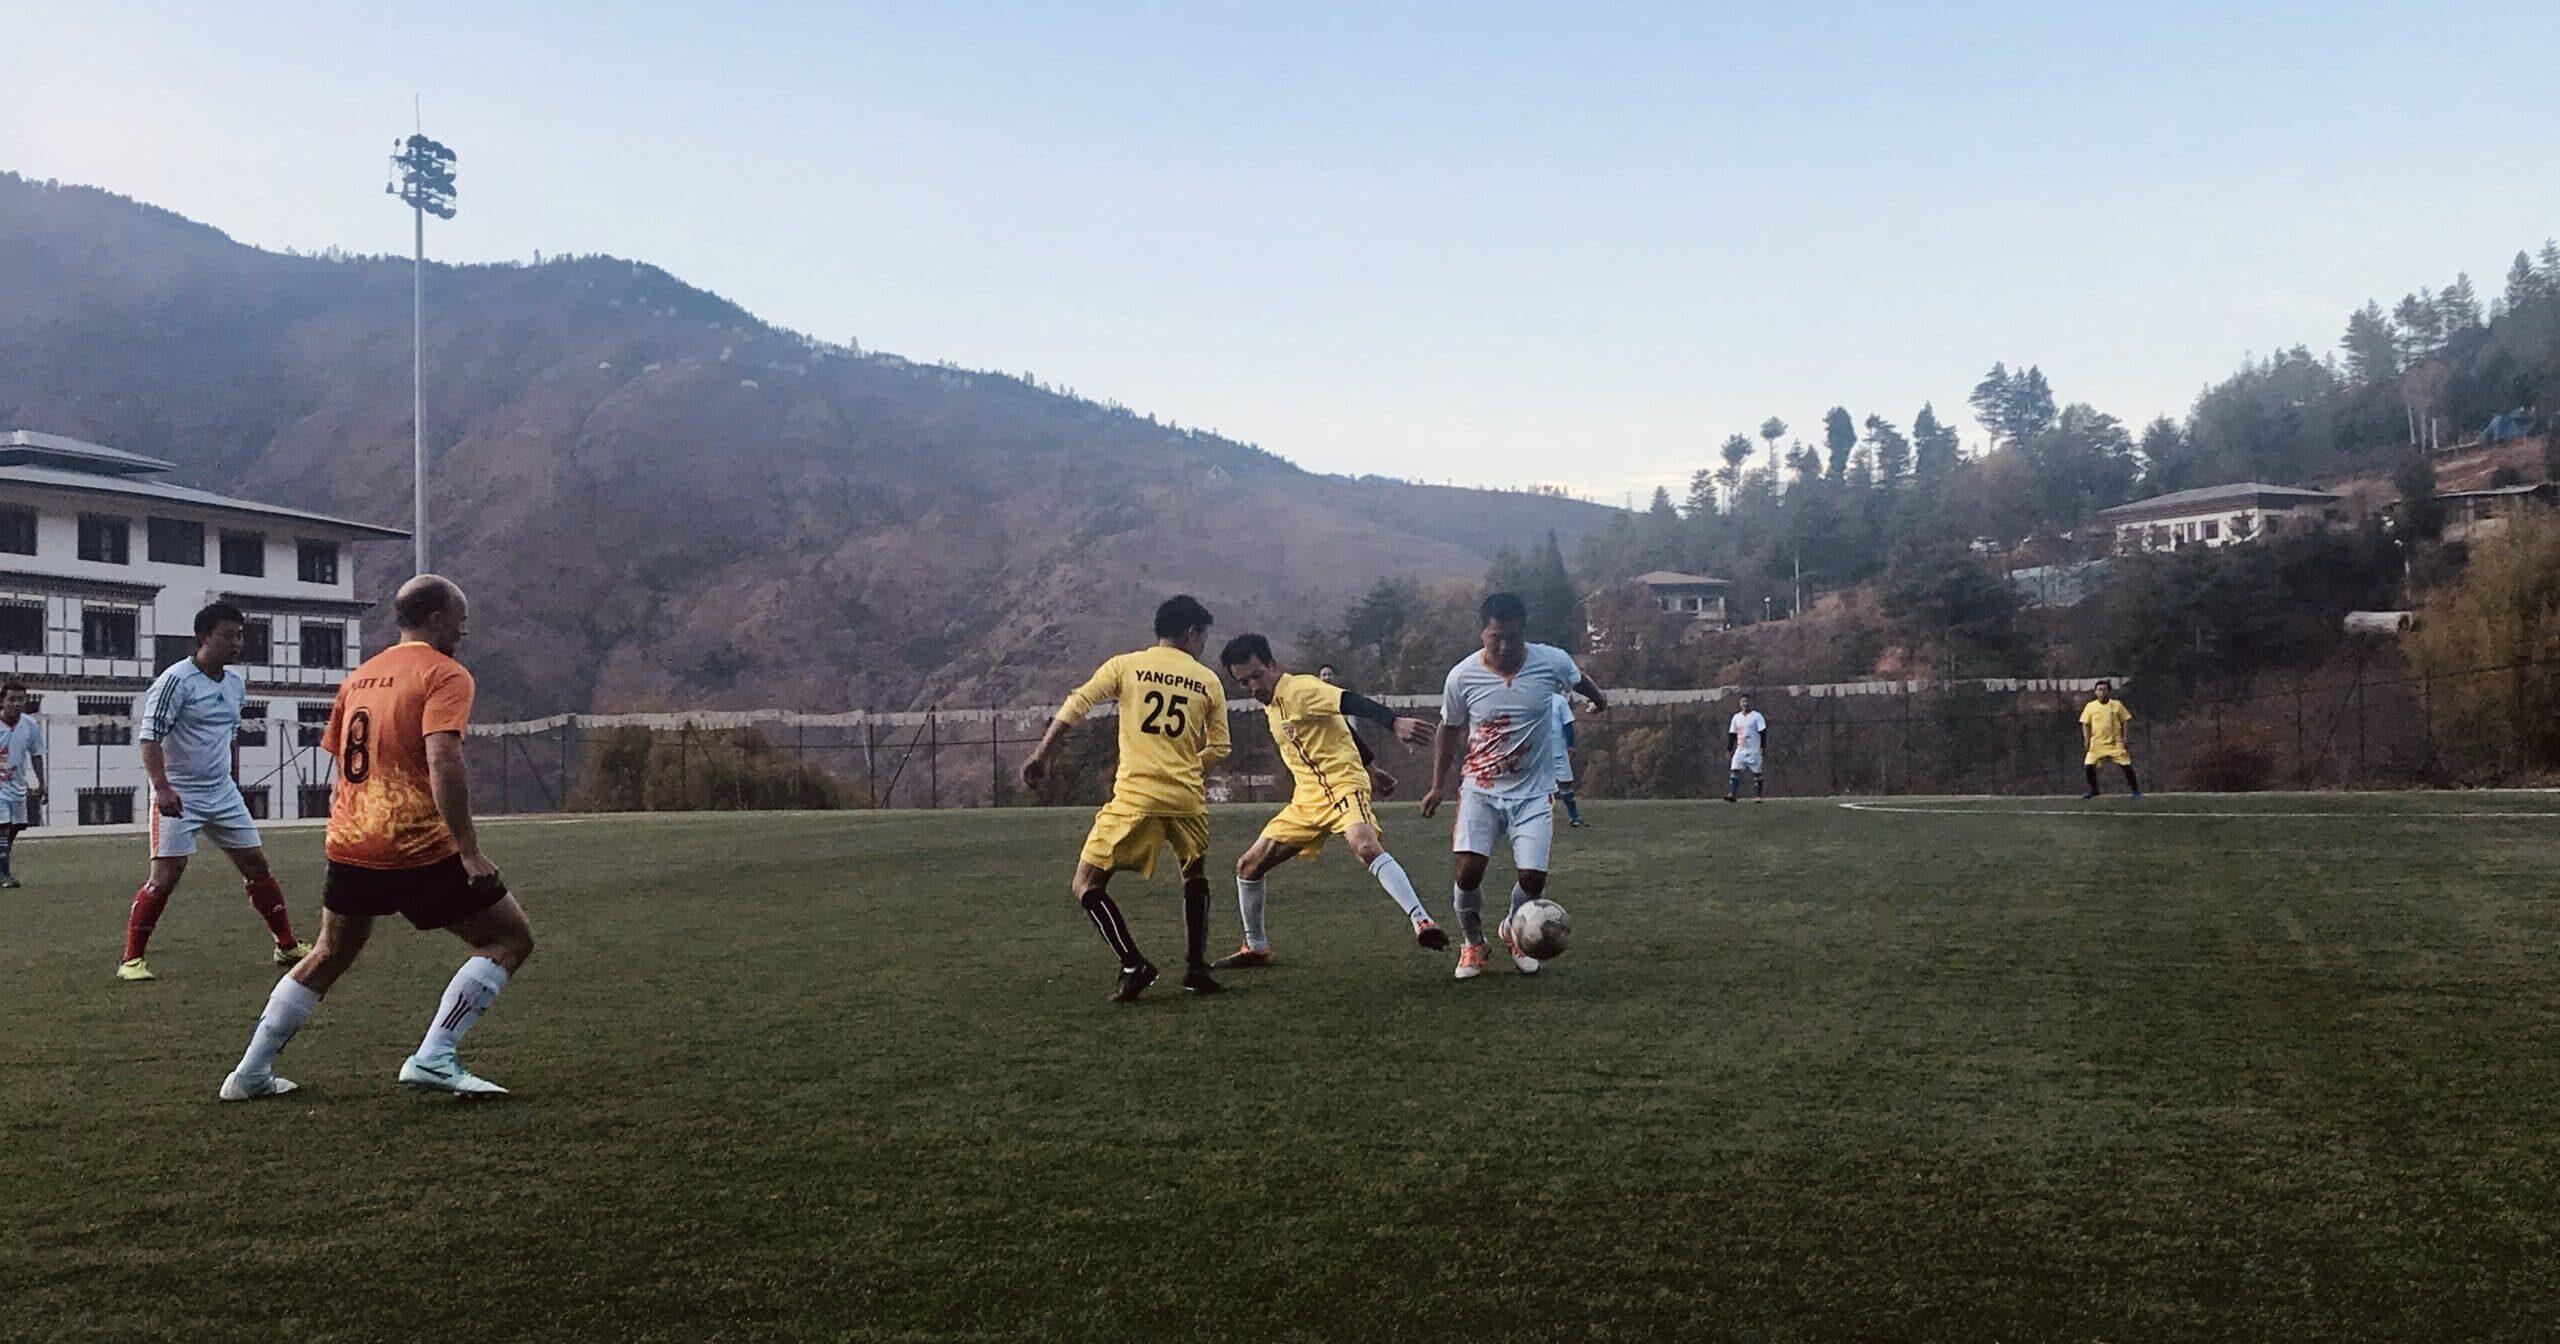 Football match in Bhutan